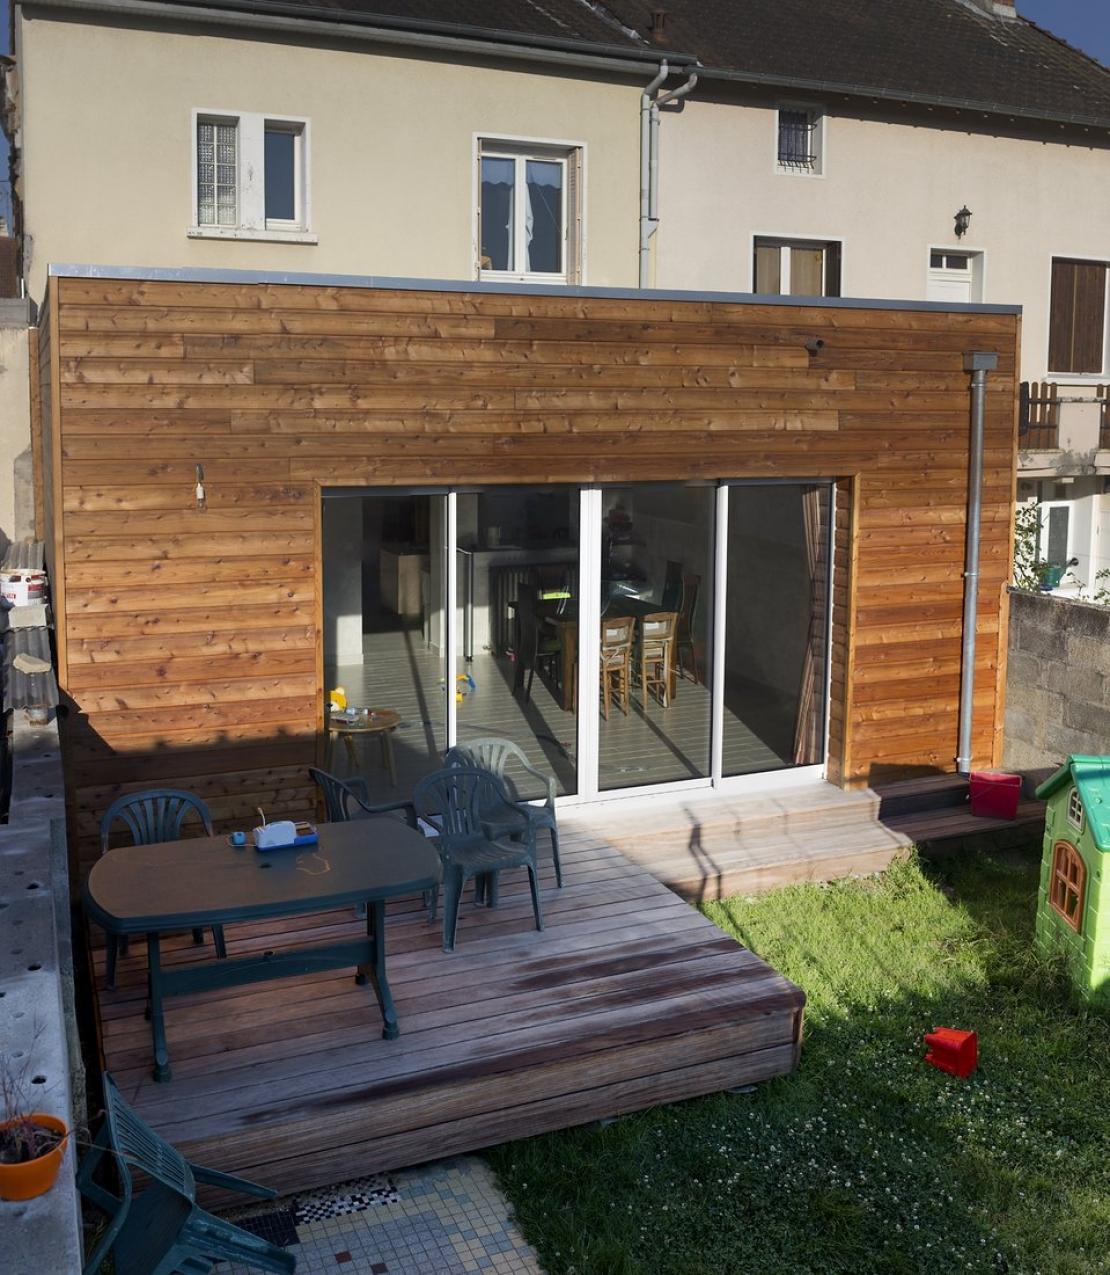 accompagnement autoconstruction construction ossature bois charpente menuiserie le choix. Black Bedroom Furniture Sets. Home Design Ideas